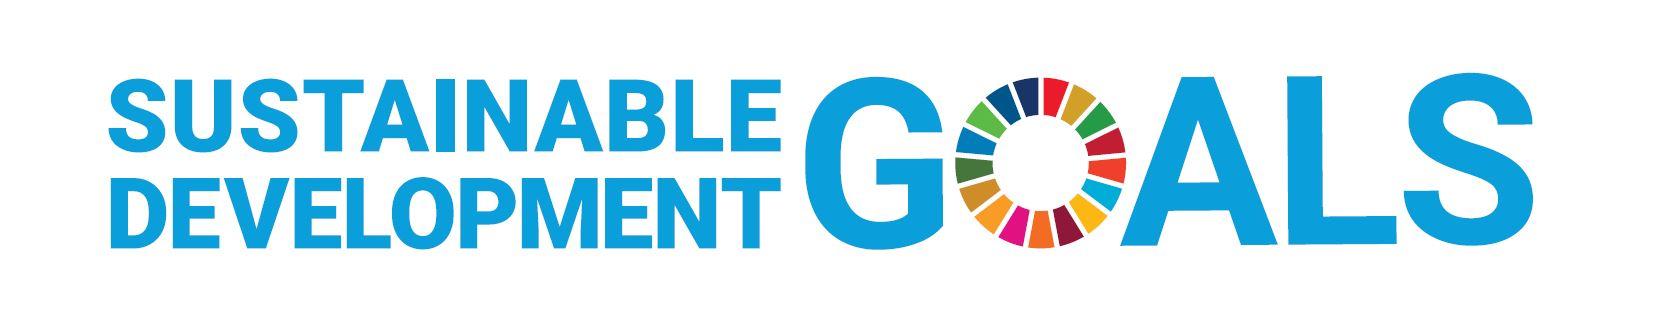 SDGs(エスディージーズ:持続可能な開発目標)とは、17の目標について、分かりやすくご紹介 | 土系舗装/ソイル舗装で防草を実現するECSテクノ